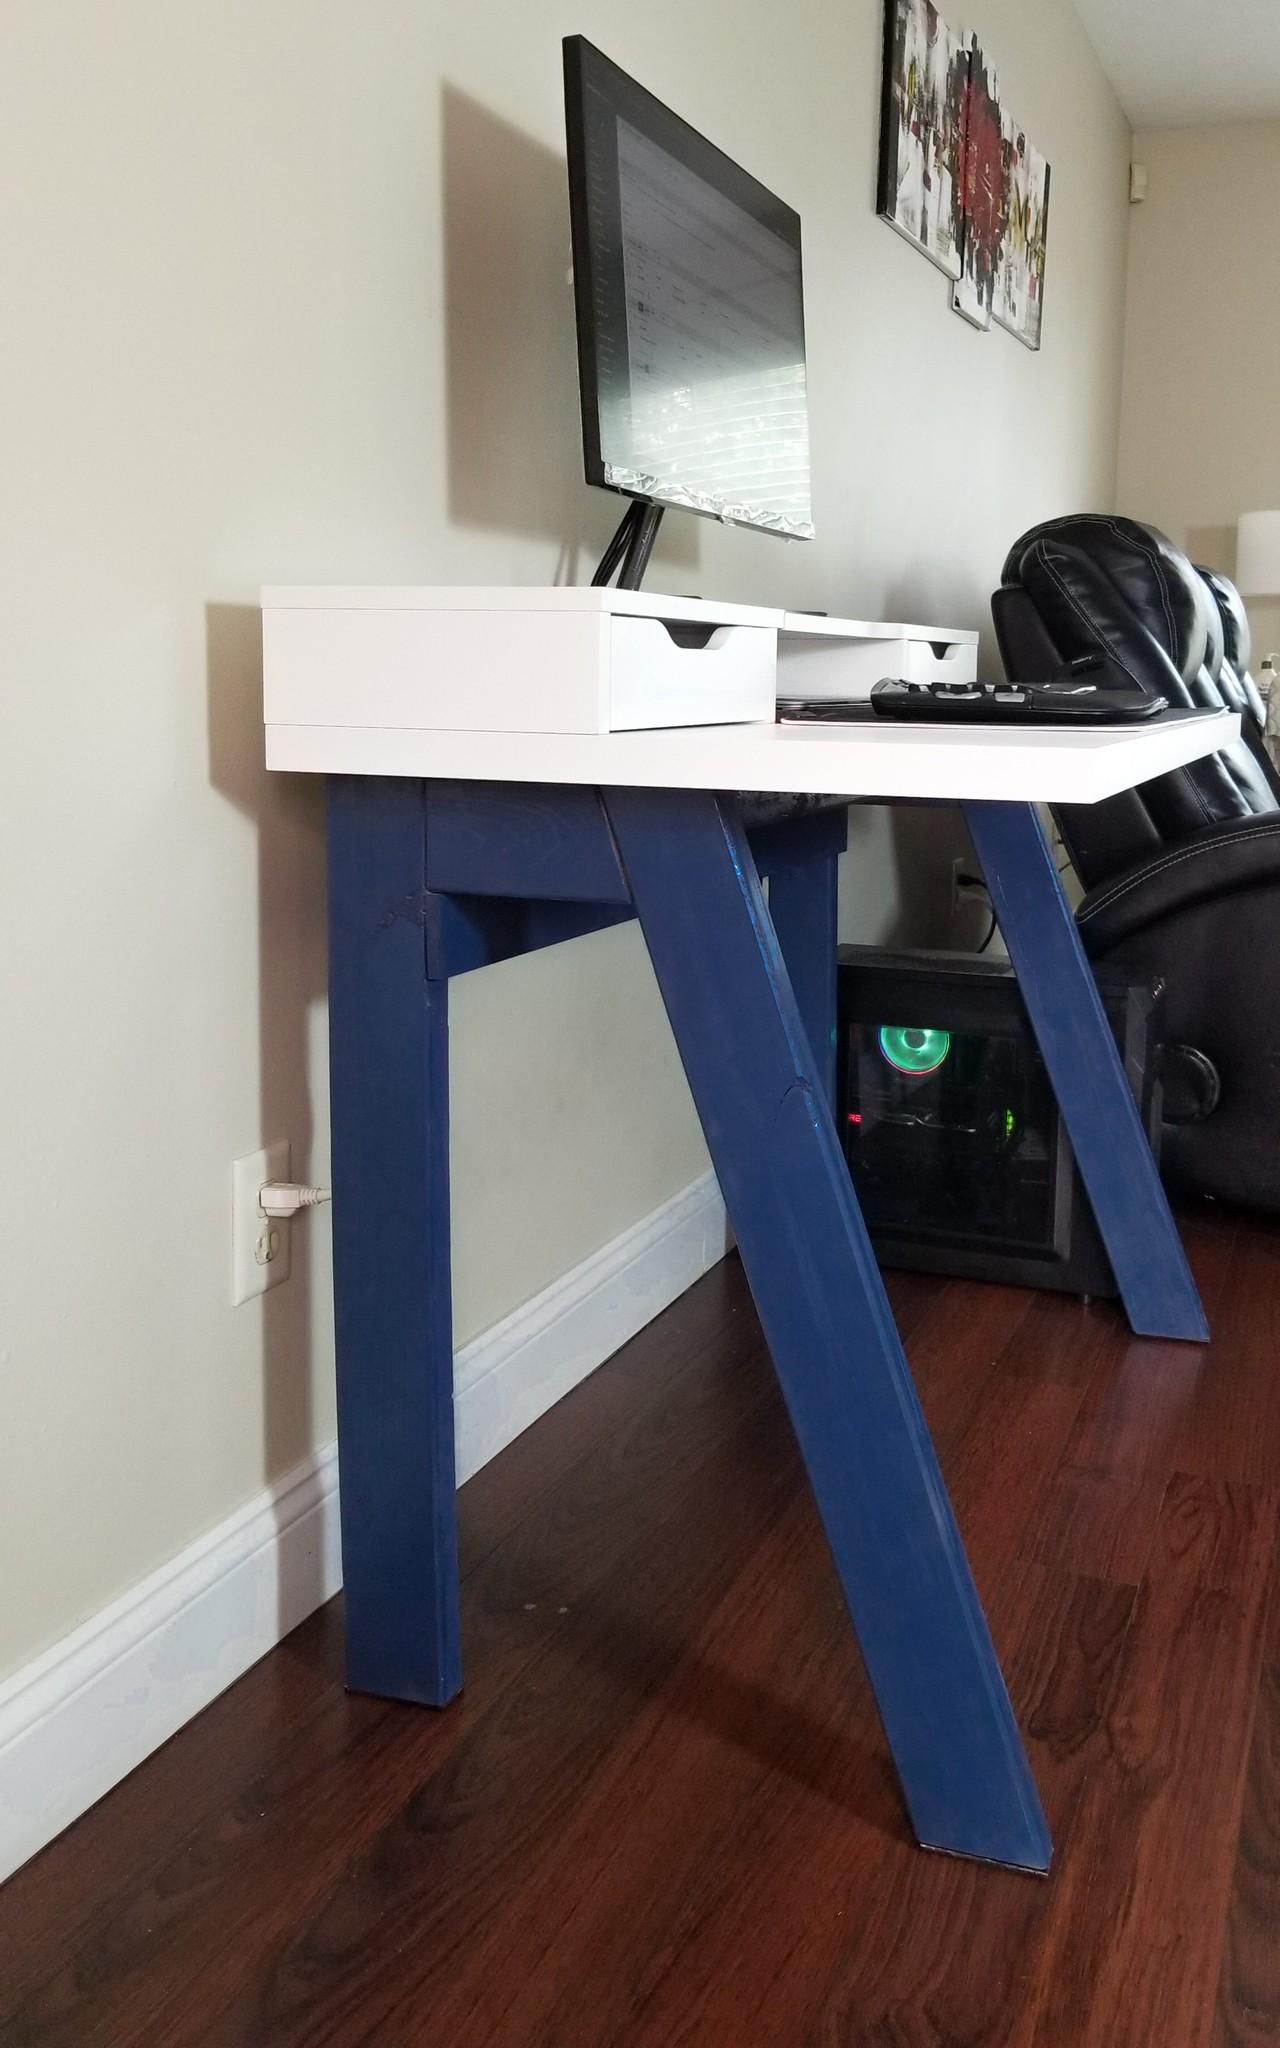 DIY Work Desk with wire organizer